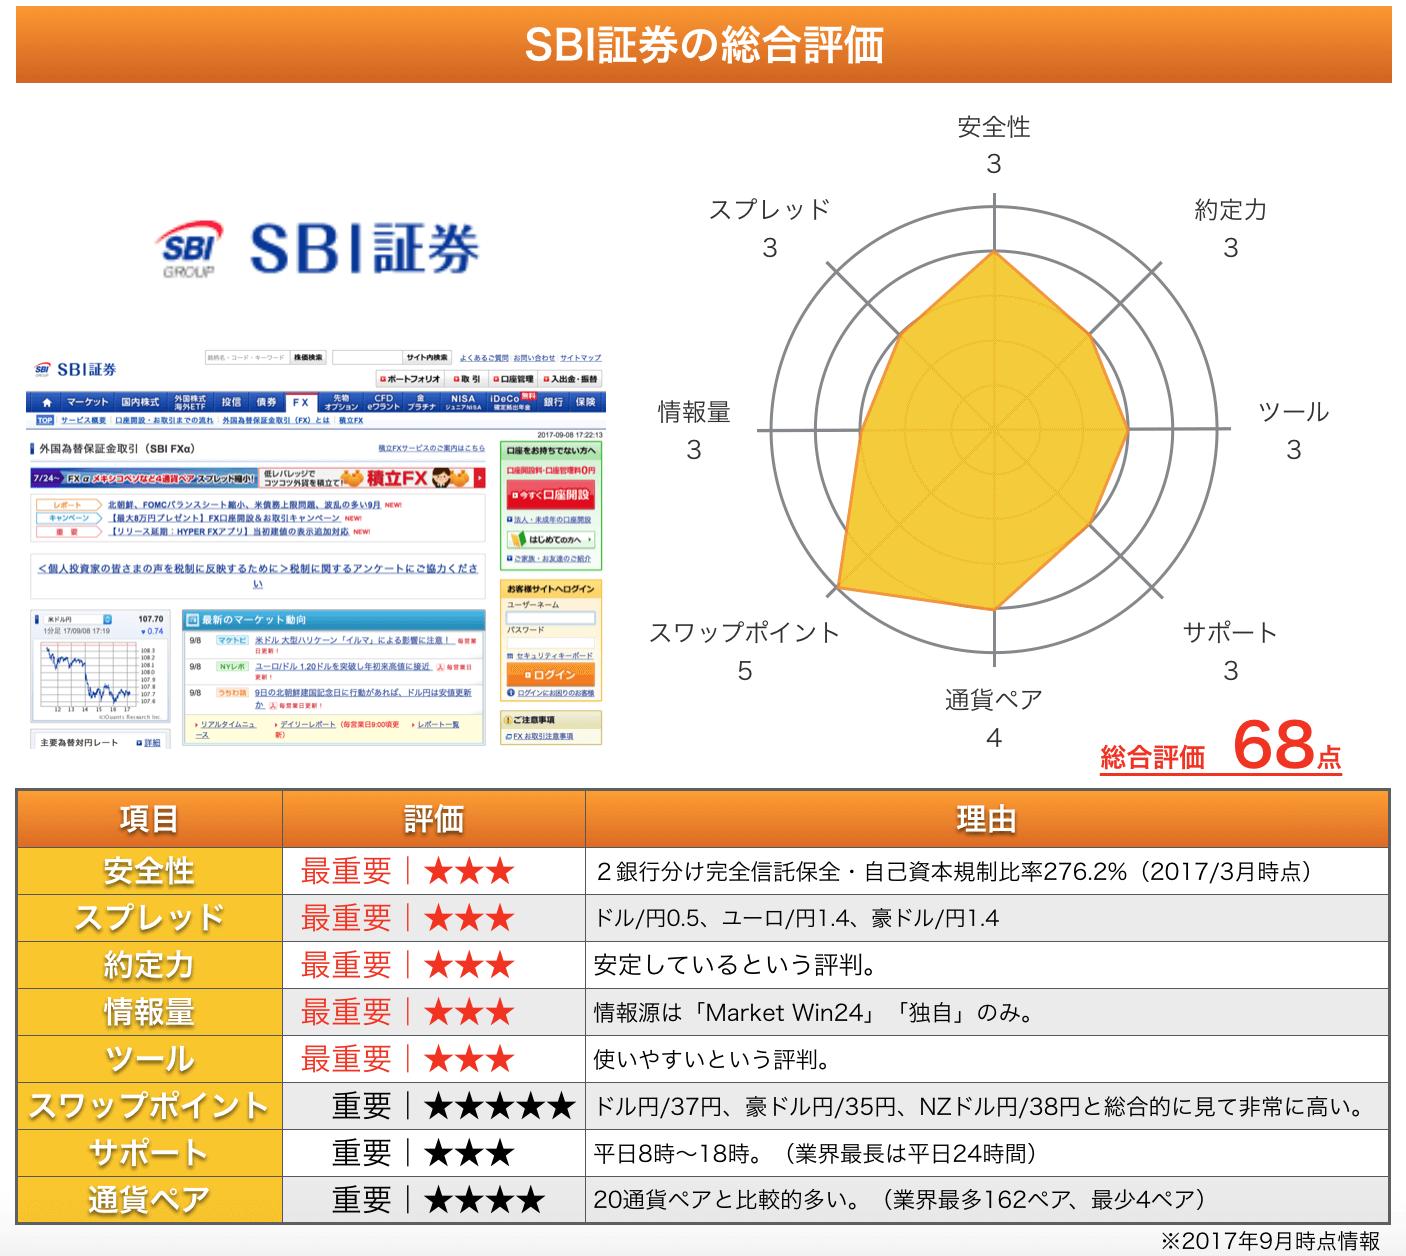 SBI証券の総評